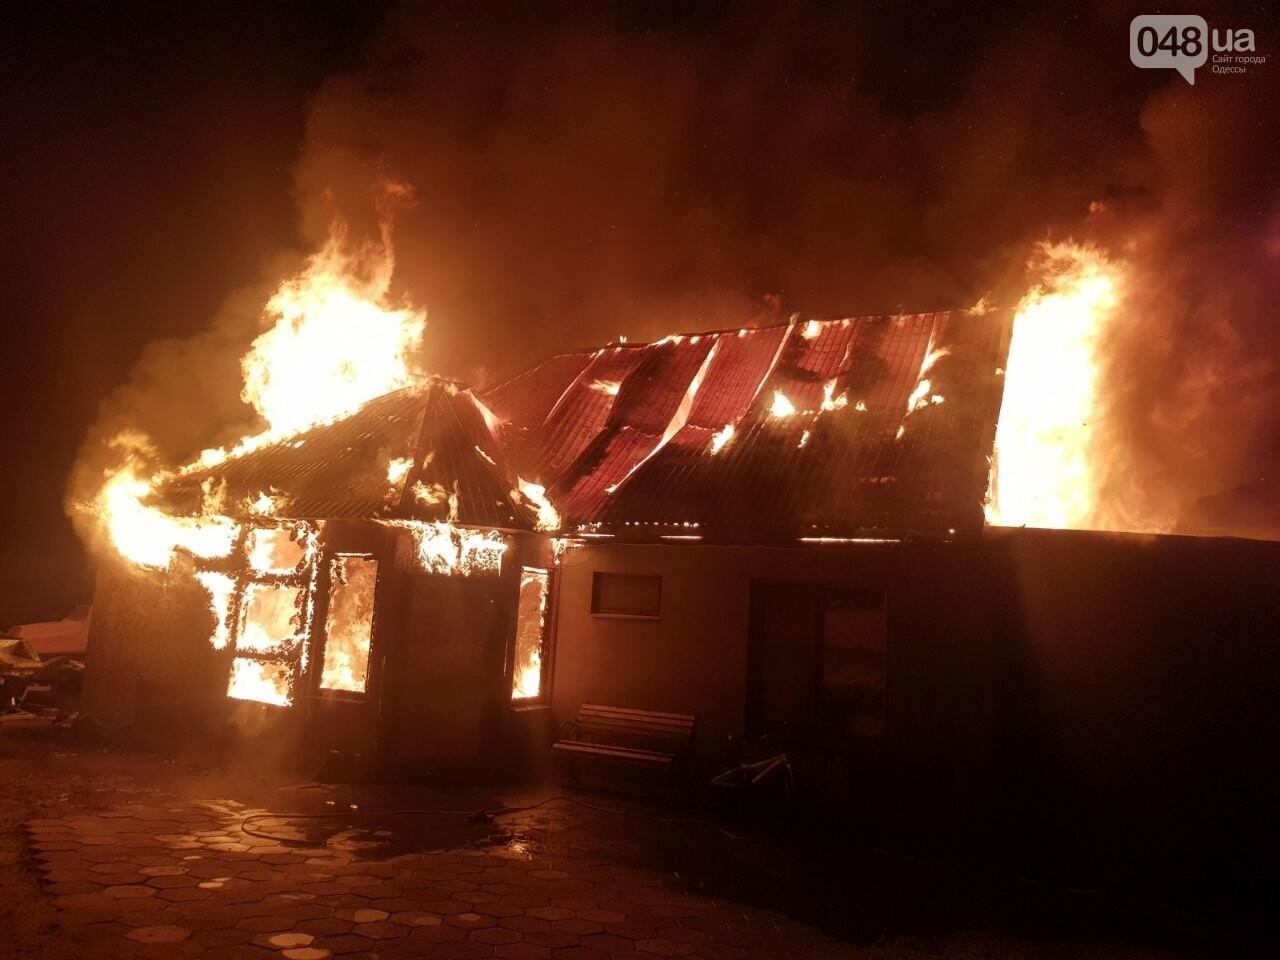 Новогодняя гирлянда могла стать причиной пожара: в Одесской области сгорел дом, - ФОТО, фото-1